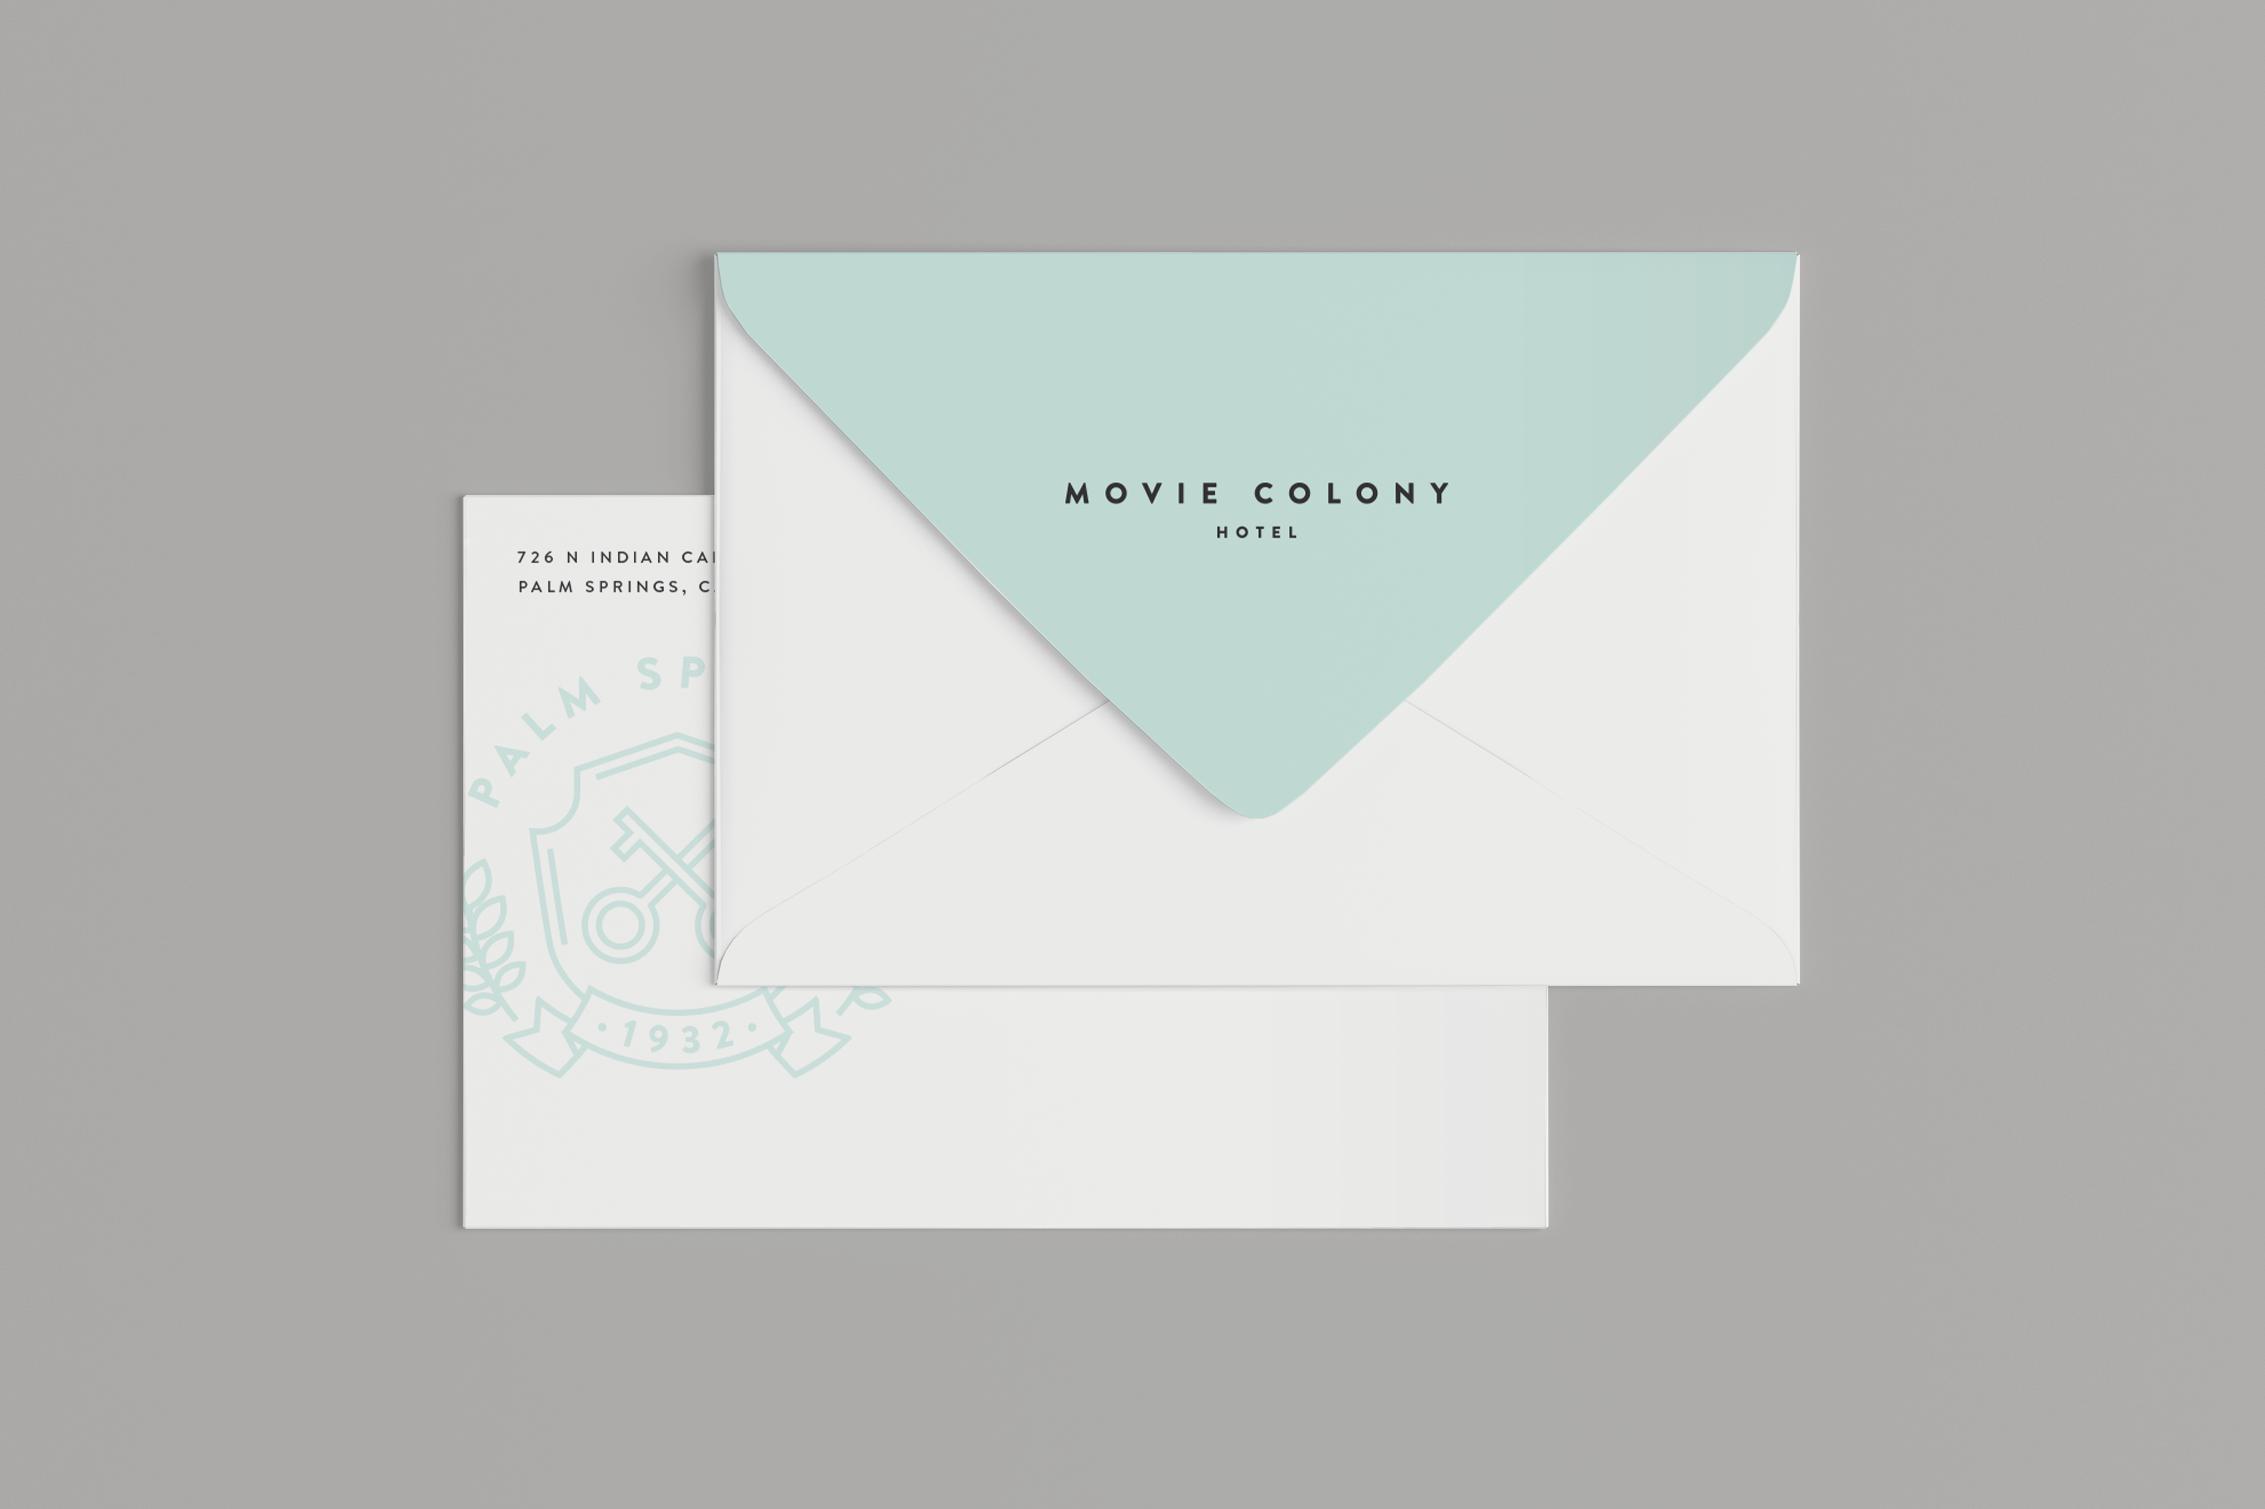 Envelope_02.png